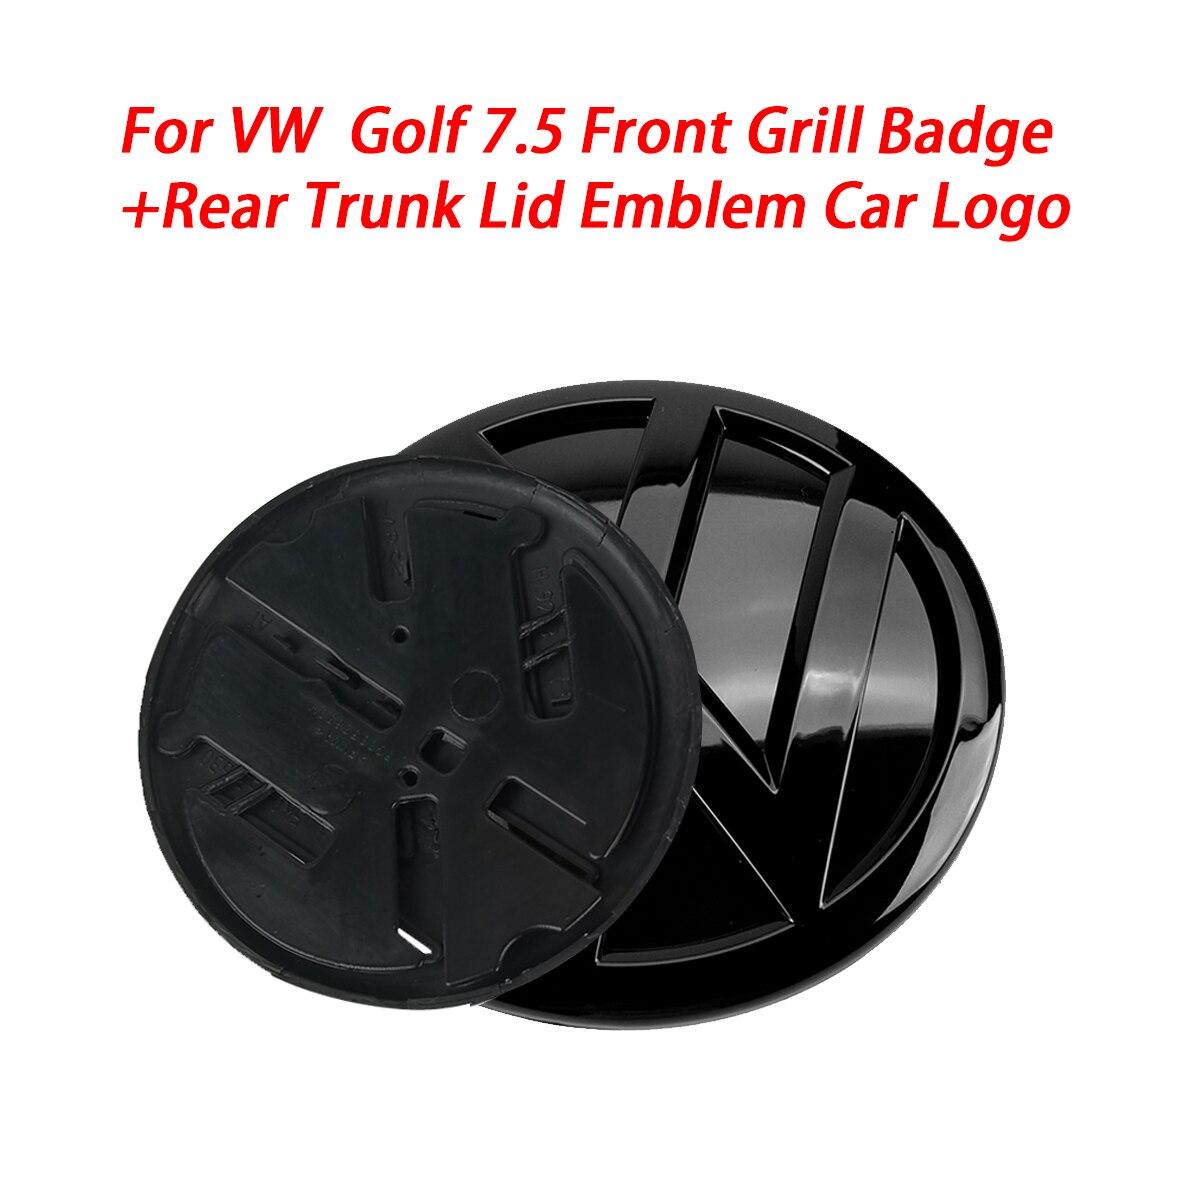 Блестящий черный 140 мм значок на переднюю решетку + 110 мм эмблема на заднюю крышку багажника, логотип автомобиля подходит для VW Volkswagen Golf MK7.5 2017...